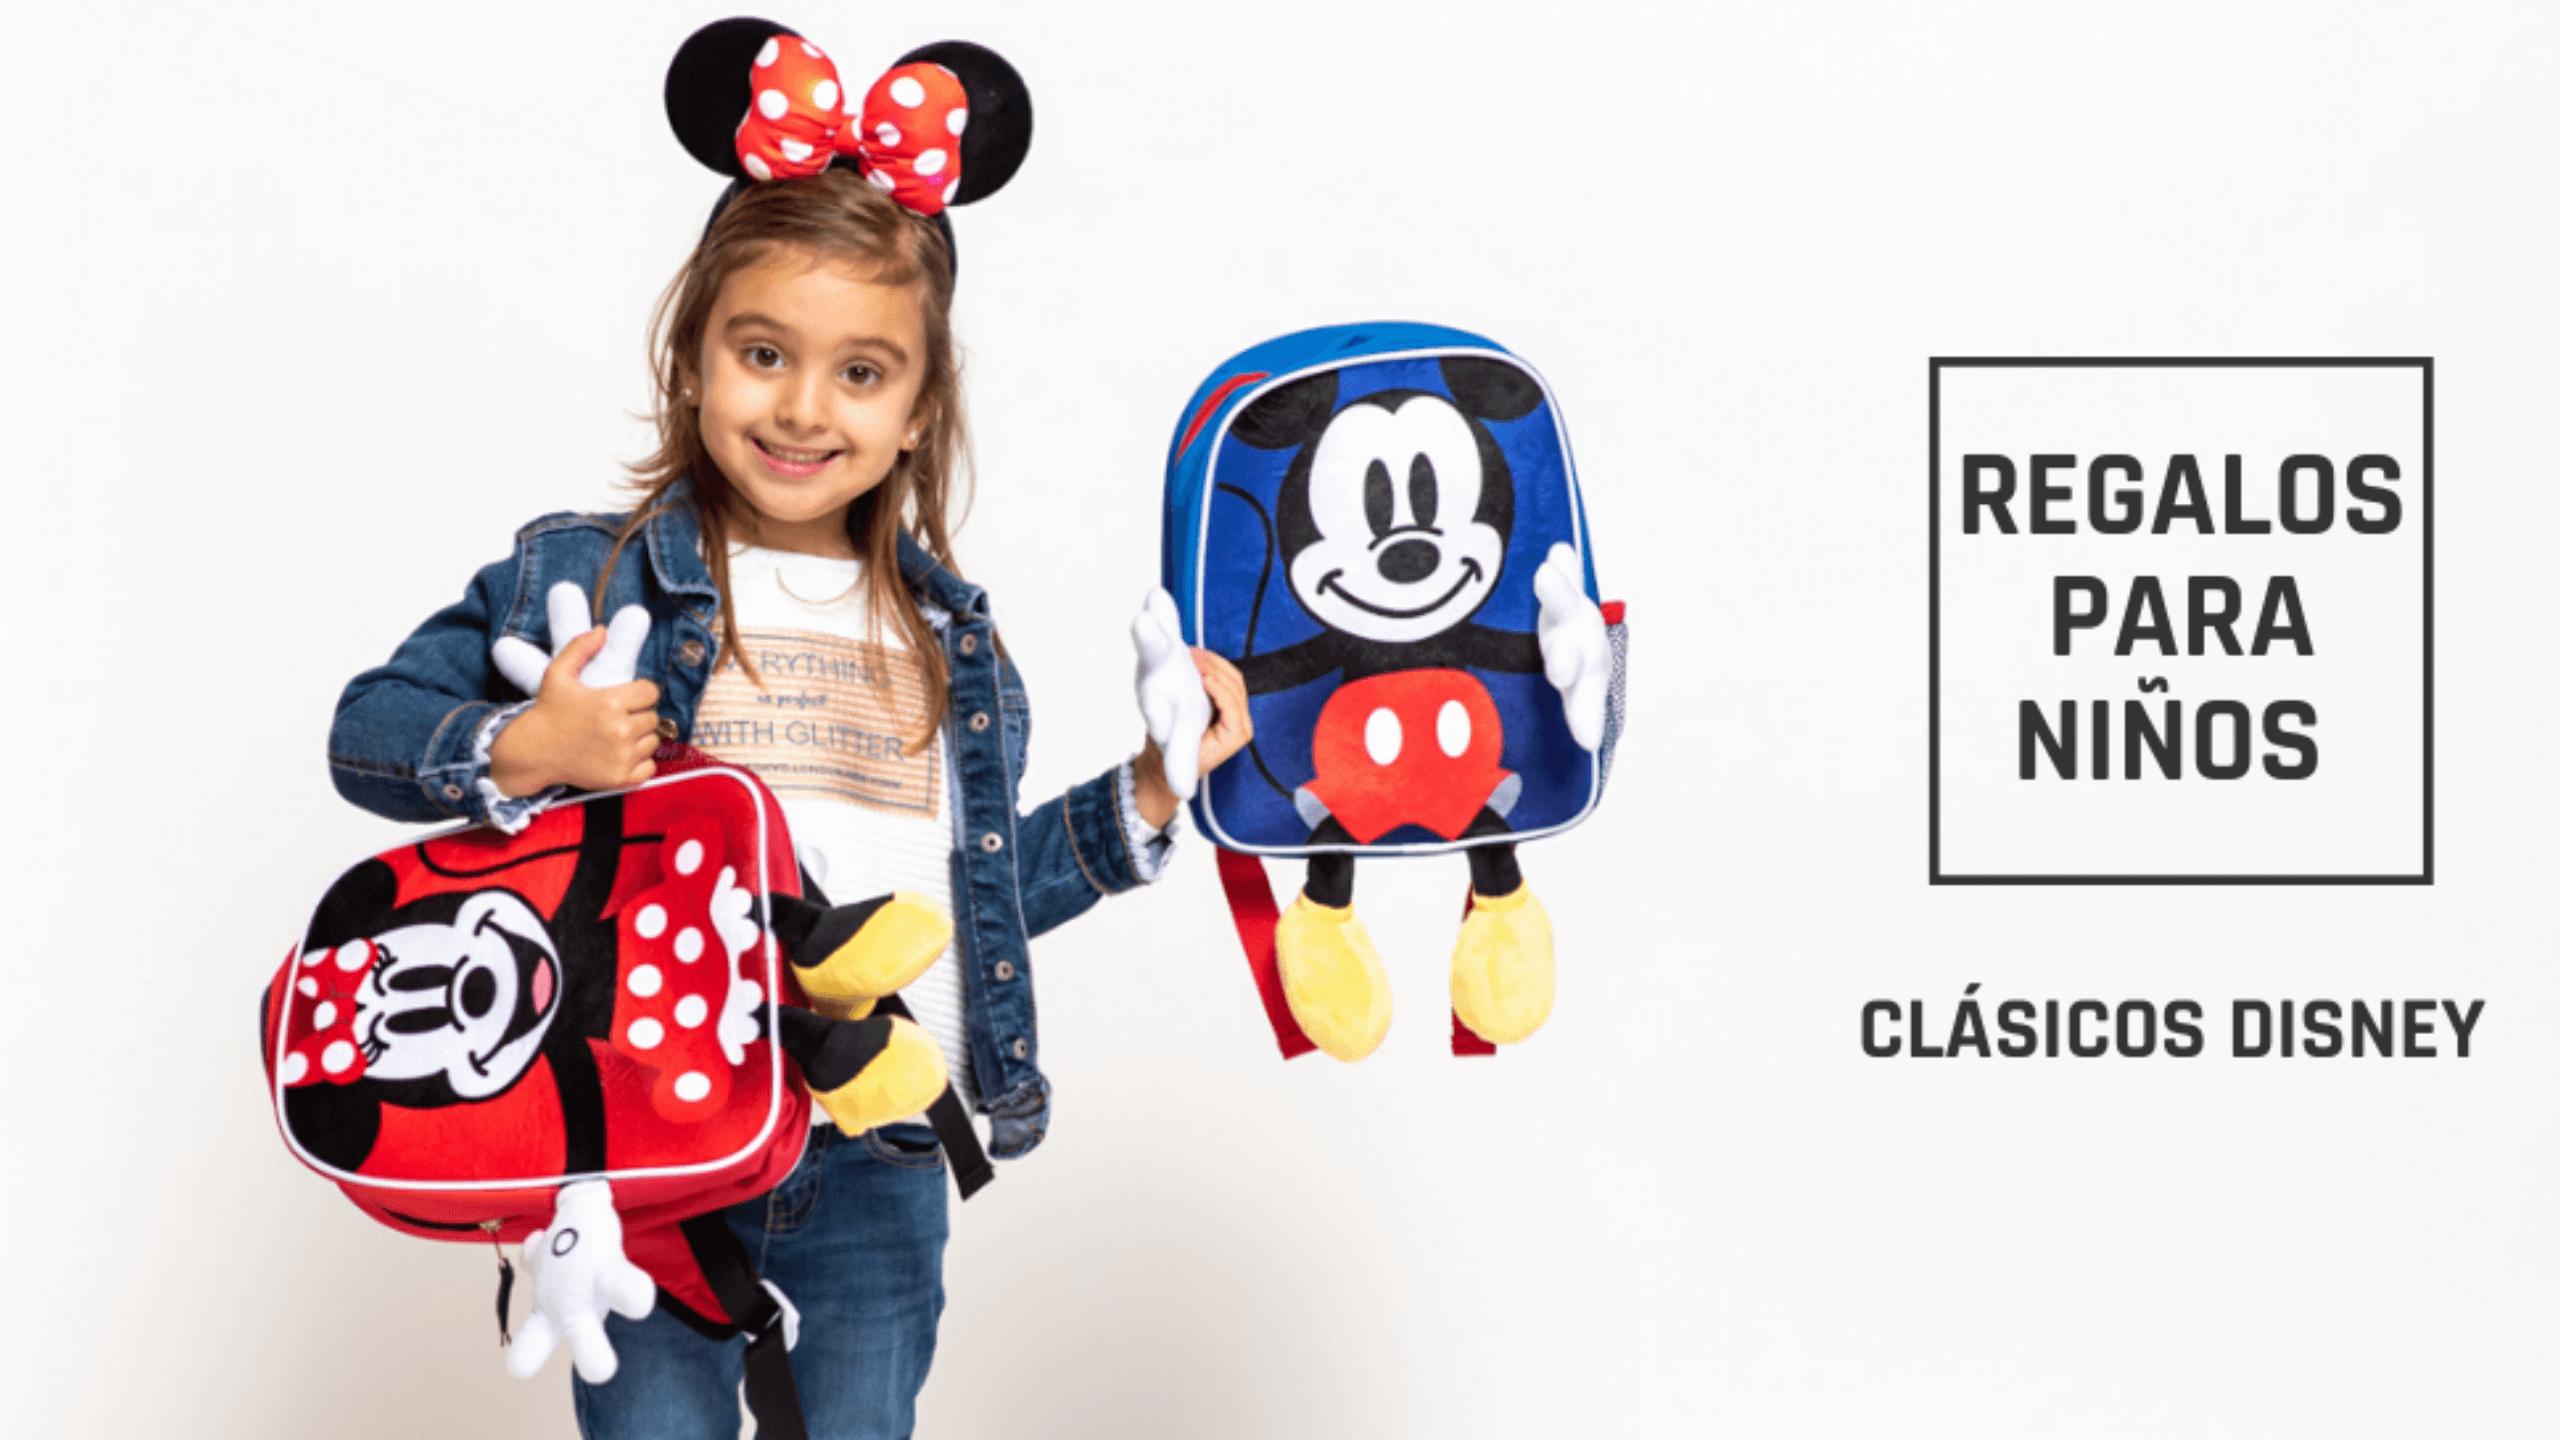 Los clásicos Disney: los mejores regalos para niños esta temporada